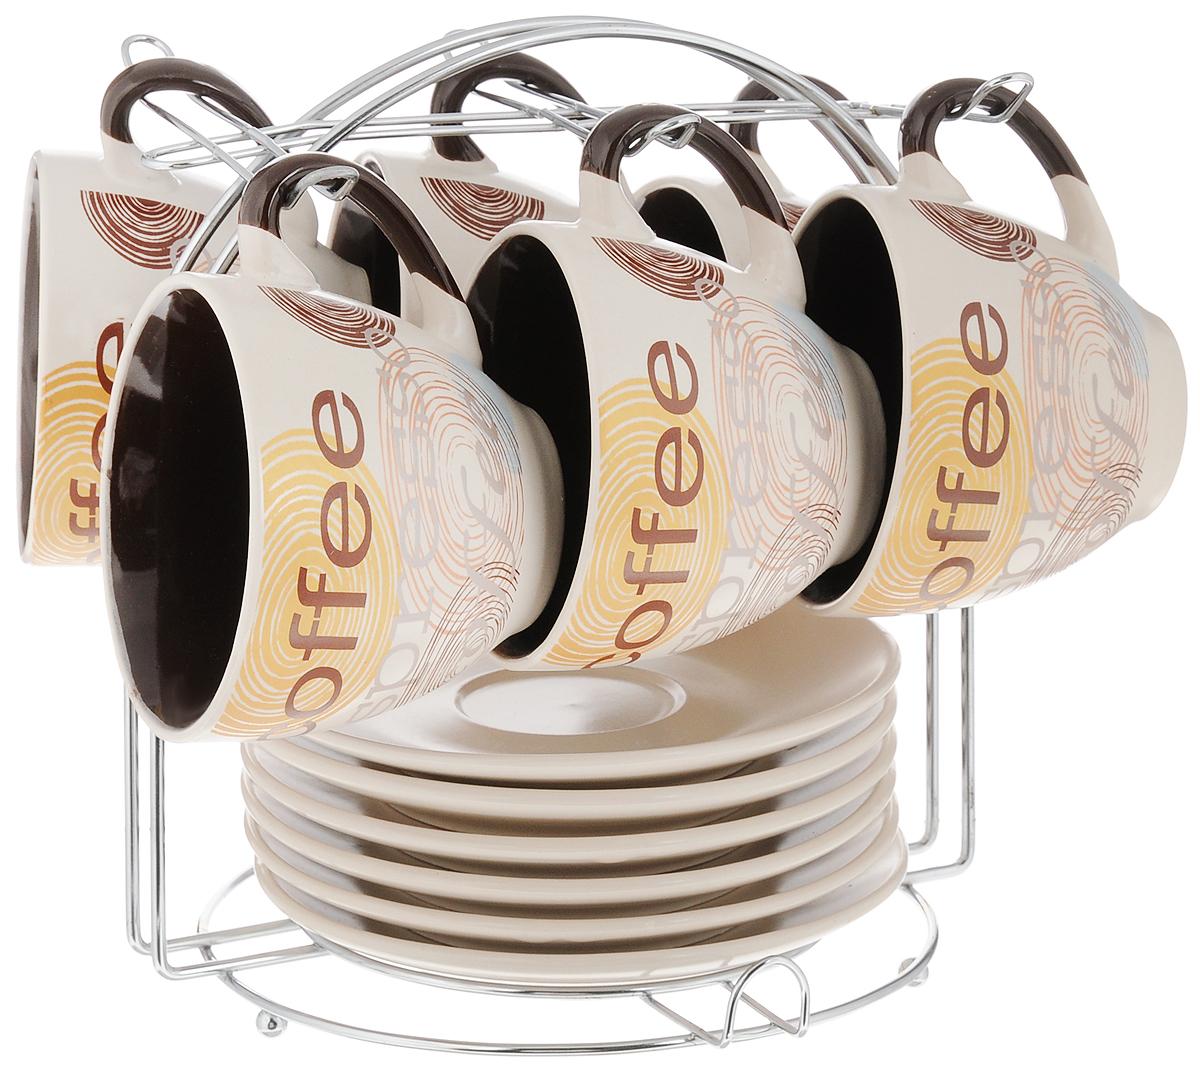 Набор кофейный Loraine, на подставке, 13 предметов. 23536115510Кофейный набор Loraine состоит из 6 чашек и 6 блюдец. Изделия выполнены из высококачественной керамики и оформлены стильным рисунком Кофе. Набор выполнен в красивых кофейных тонах. Теплостойкие ручки обеспечивают комфорт во время использования. Изящный дизайн придется по вкусу и ценителям классики, и тем, кто предпочитает утонченность и изысканность. Кофе, сервированный в такой посуде, настроит на позитивный лад и подарит хорошее настроение. В комплекте предусмотрена металлическая подставка. Кофейный набор Loraine - идеальный и необходимый подарок для вашего дома и для ваших друзей в праздники. Можно мыть в посудомоечной машине, использовать в микроволновой печи, а также ставить в холодильник. Объем чашки: 220 мл. Диаметр чашки (по верхнему краю): 8,5 см. Высота чашки: 7,5 см. Диаметр блюдца: 14,5 см. Размер подставки: 19 х 19 х 20 см.